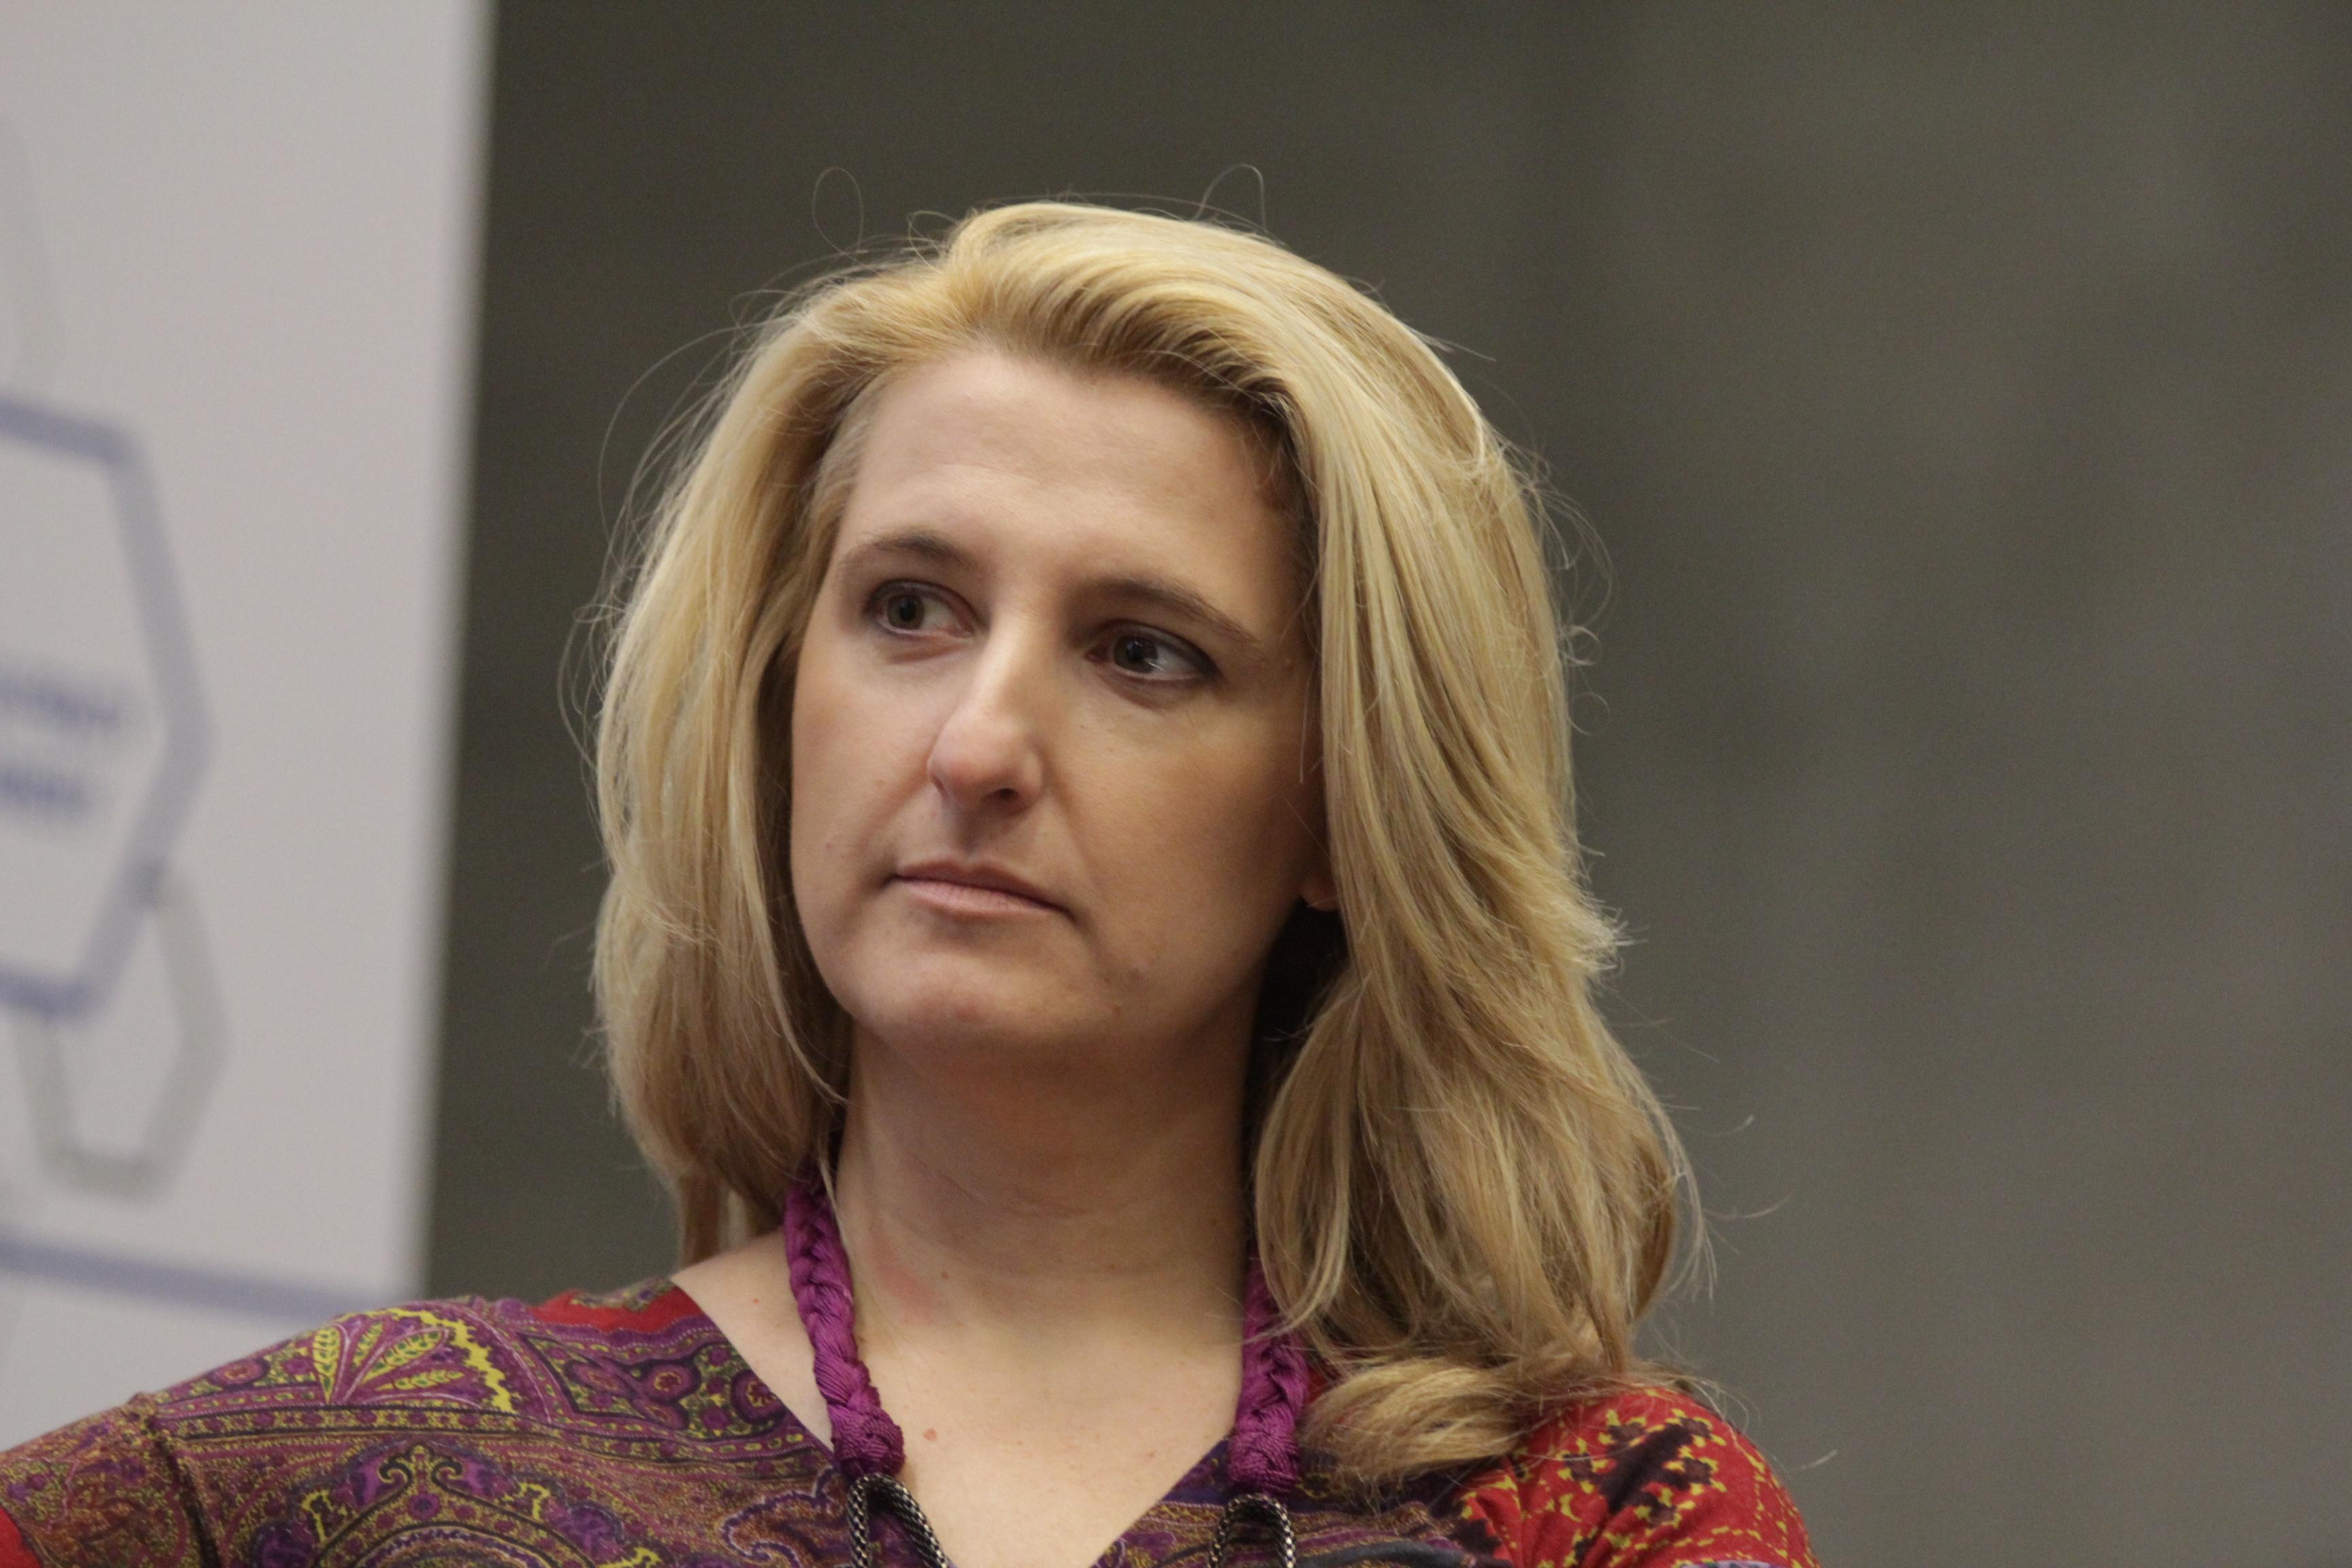 Należy wyciągać wnioski, ale nie rozpamiętywać - uważa Grażyna Piotrowska-Oliwa, prezes Virgine Mobile Polska.